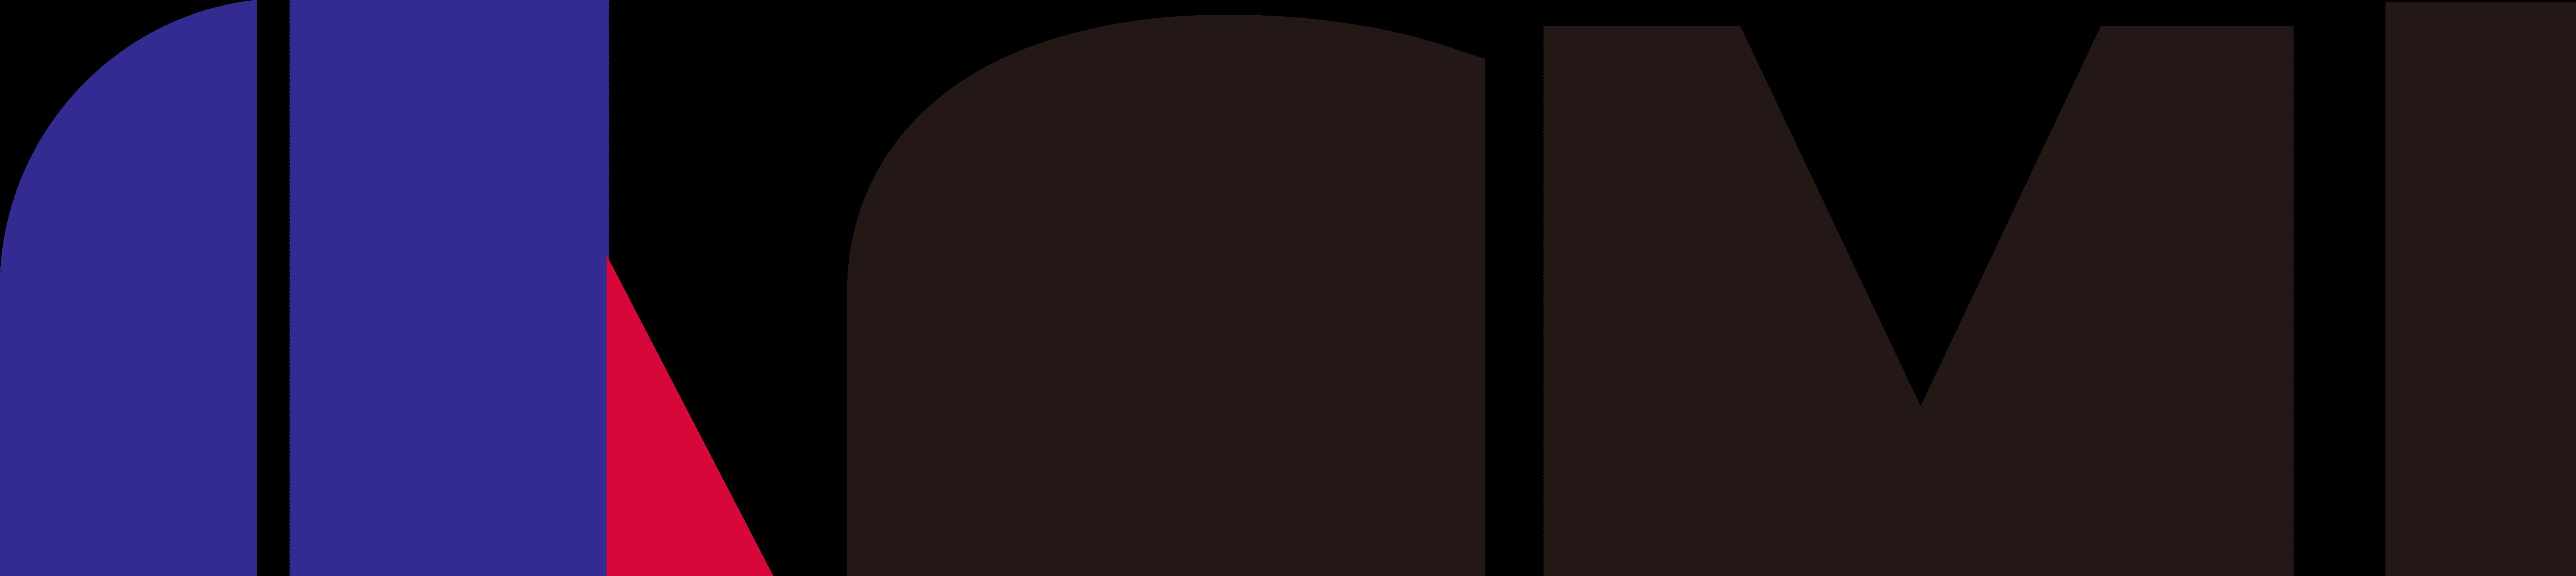 CViのSaaSアプリケーションシリーズ AttendancePro_画像